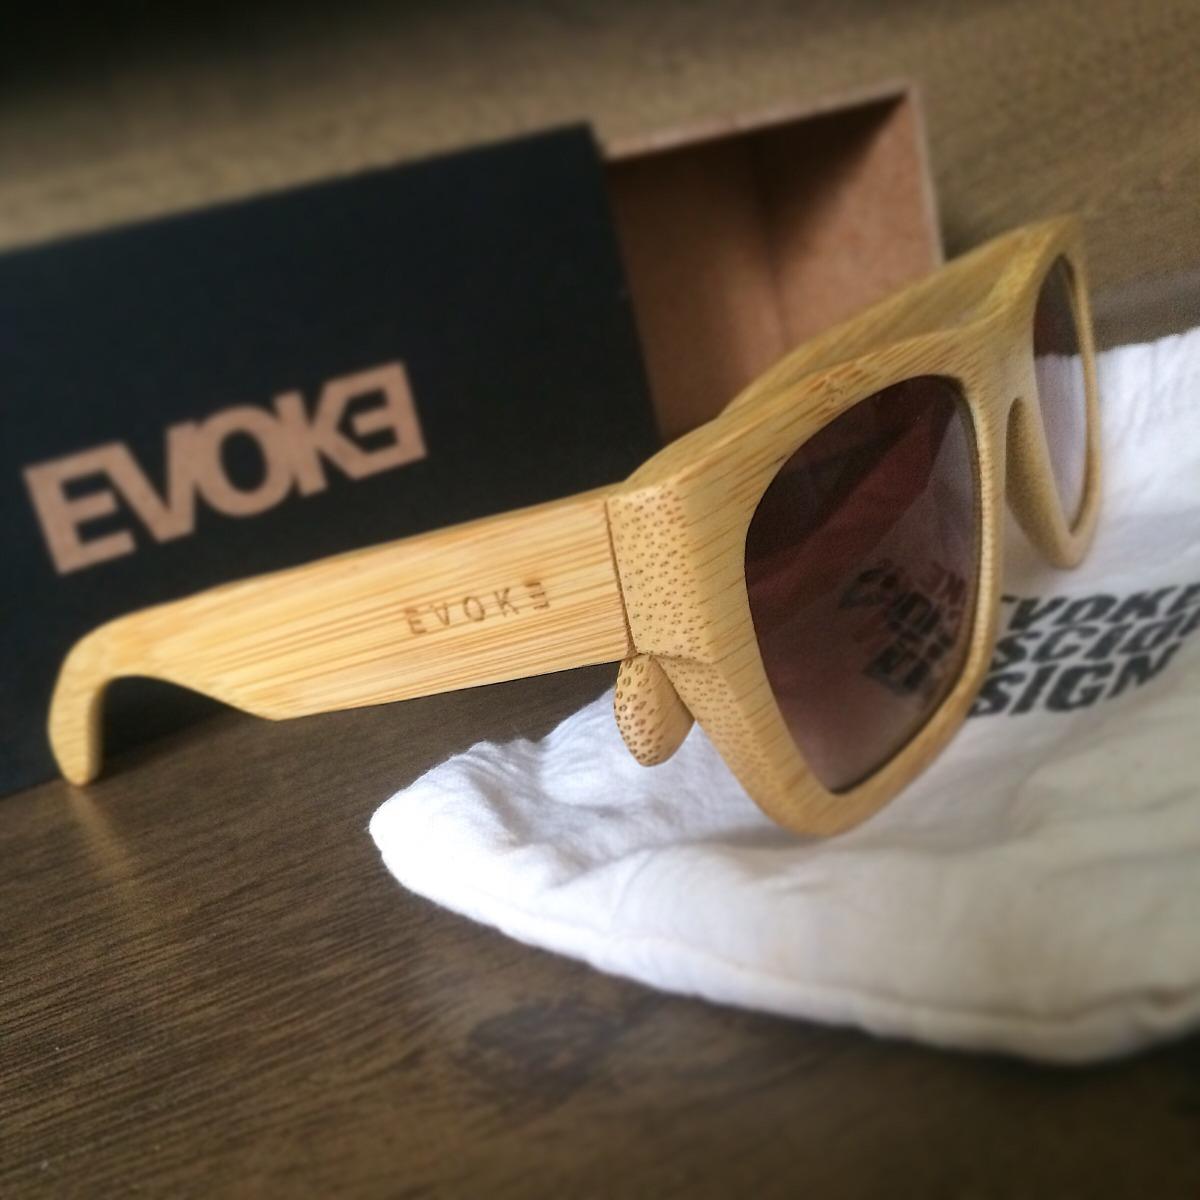 74f51acee5226 oculos de sol evoke wood series original madeira. Carregando zoom... oculos  sol evoke. Carregando zoom.